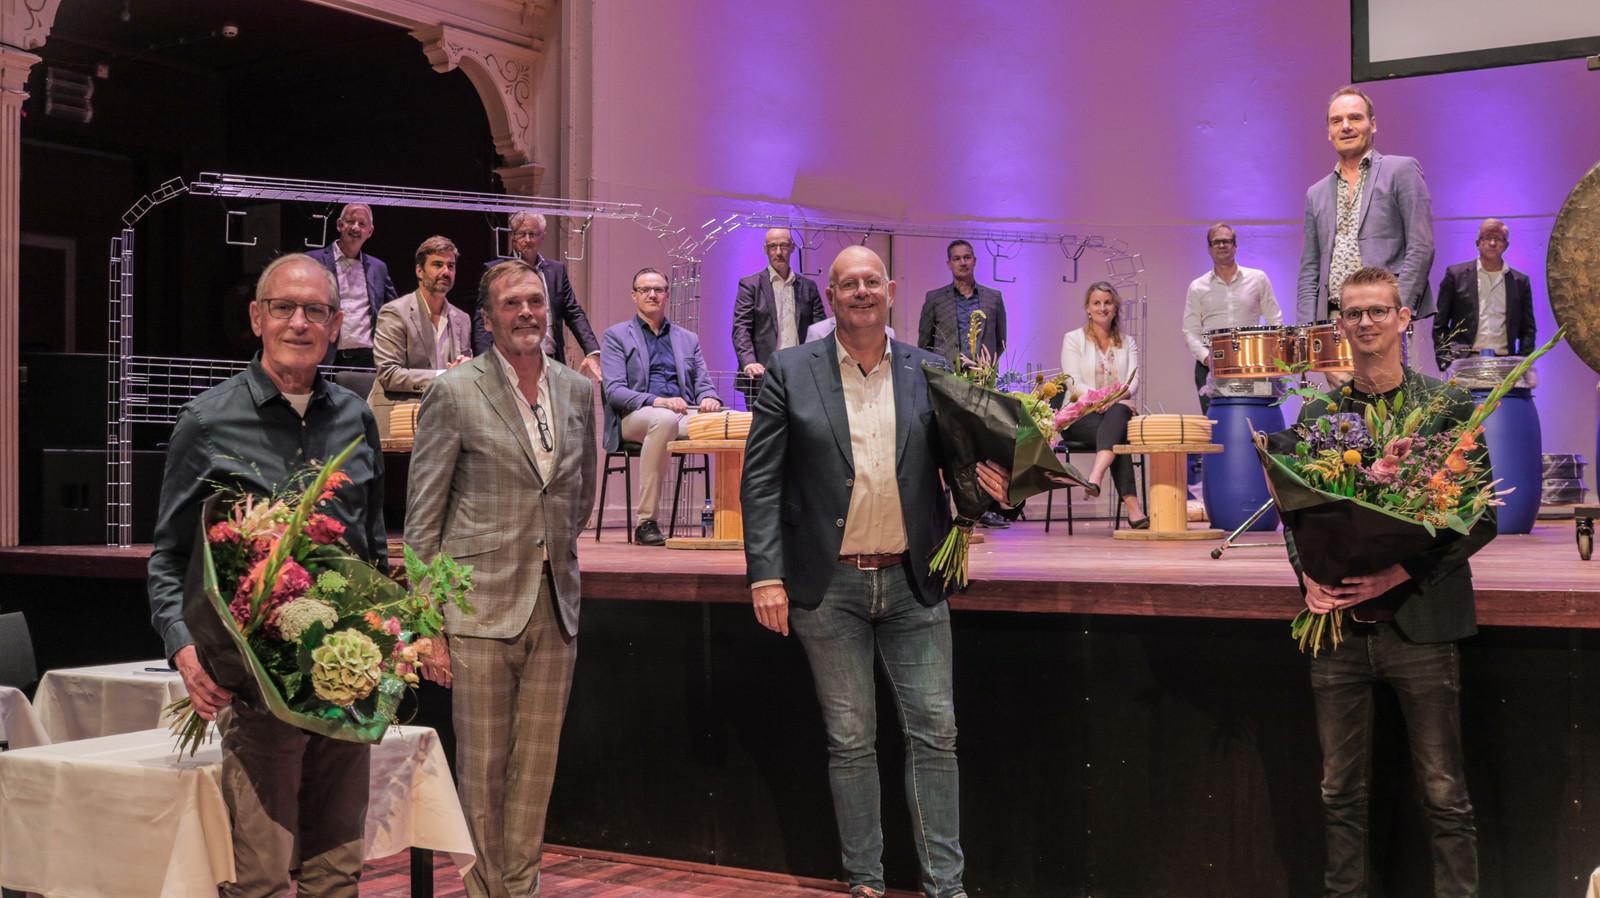 Oosterberg verkast zijn hoofdkantoor weliswaar naar Apeldoorn, maar houdt zijn banden met Zutphen wel in stand. Zo is feestelijk een sponsorovereenkomst met de Buitensociëteit getekend.